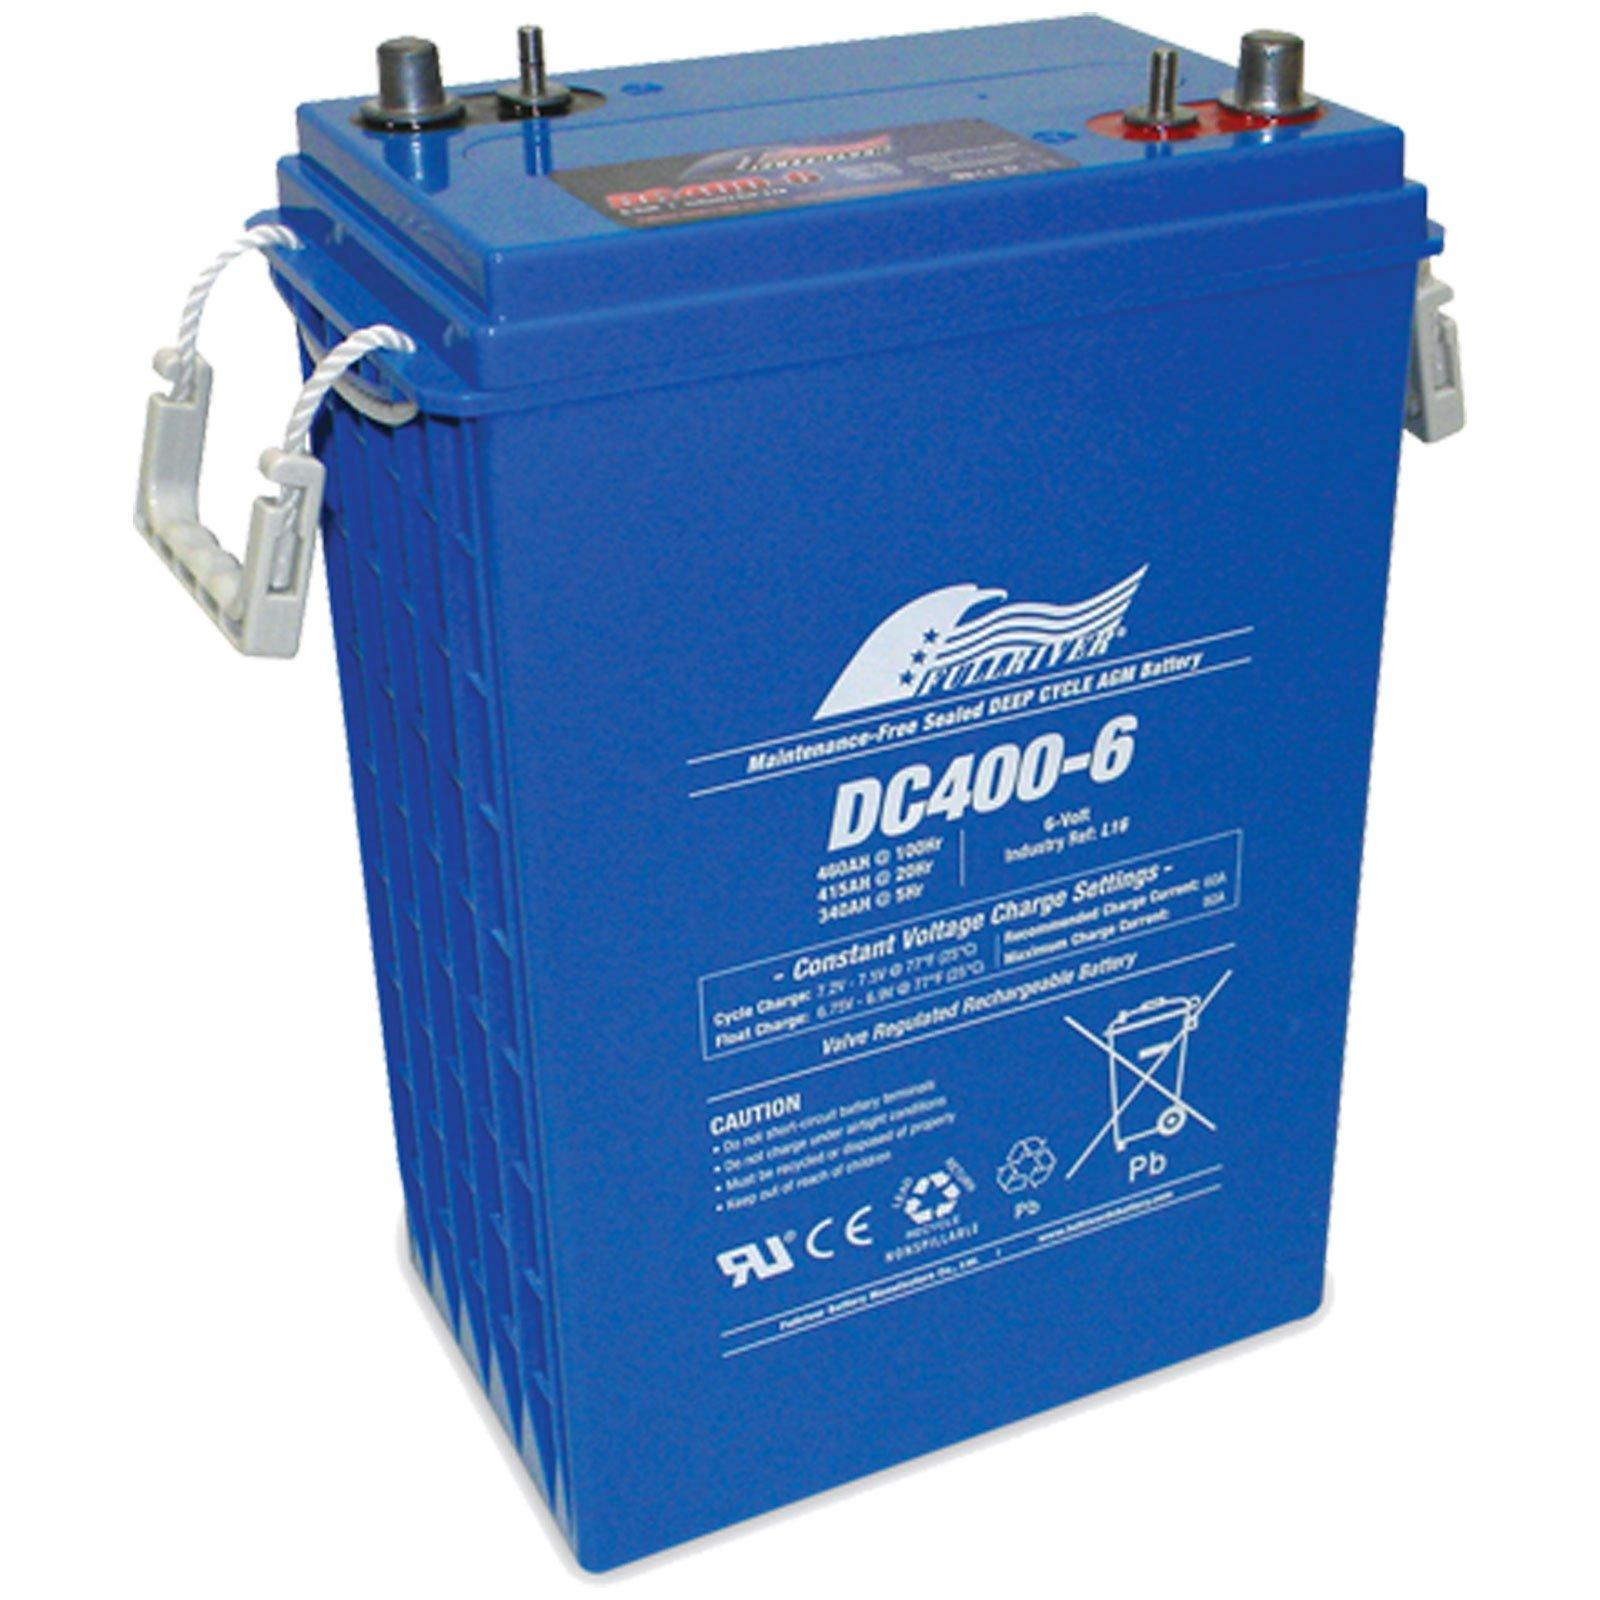 Fullriver 903 L16 6V 415Ah AGM Sealed Lead Acid Battery DC400-6